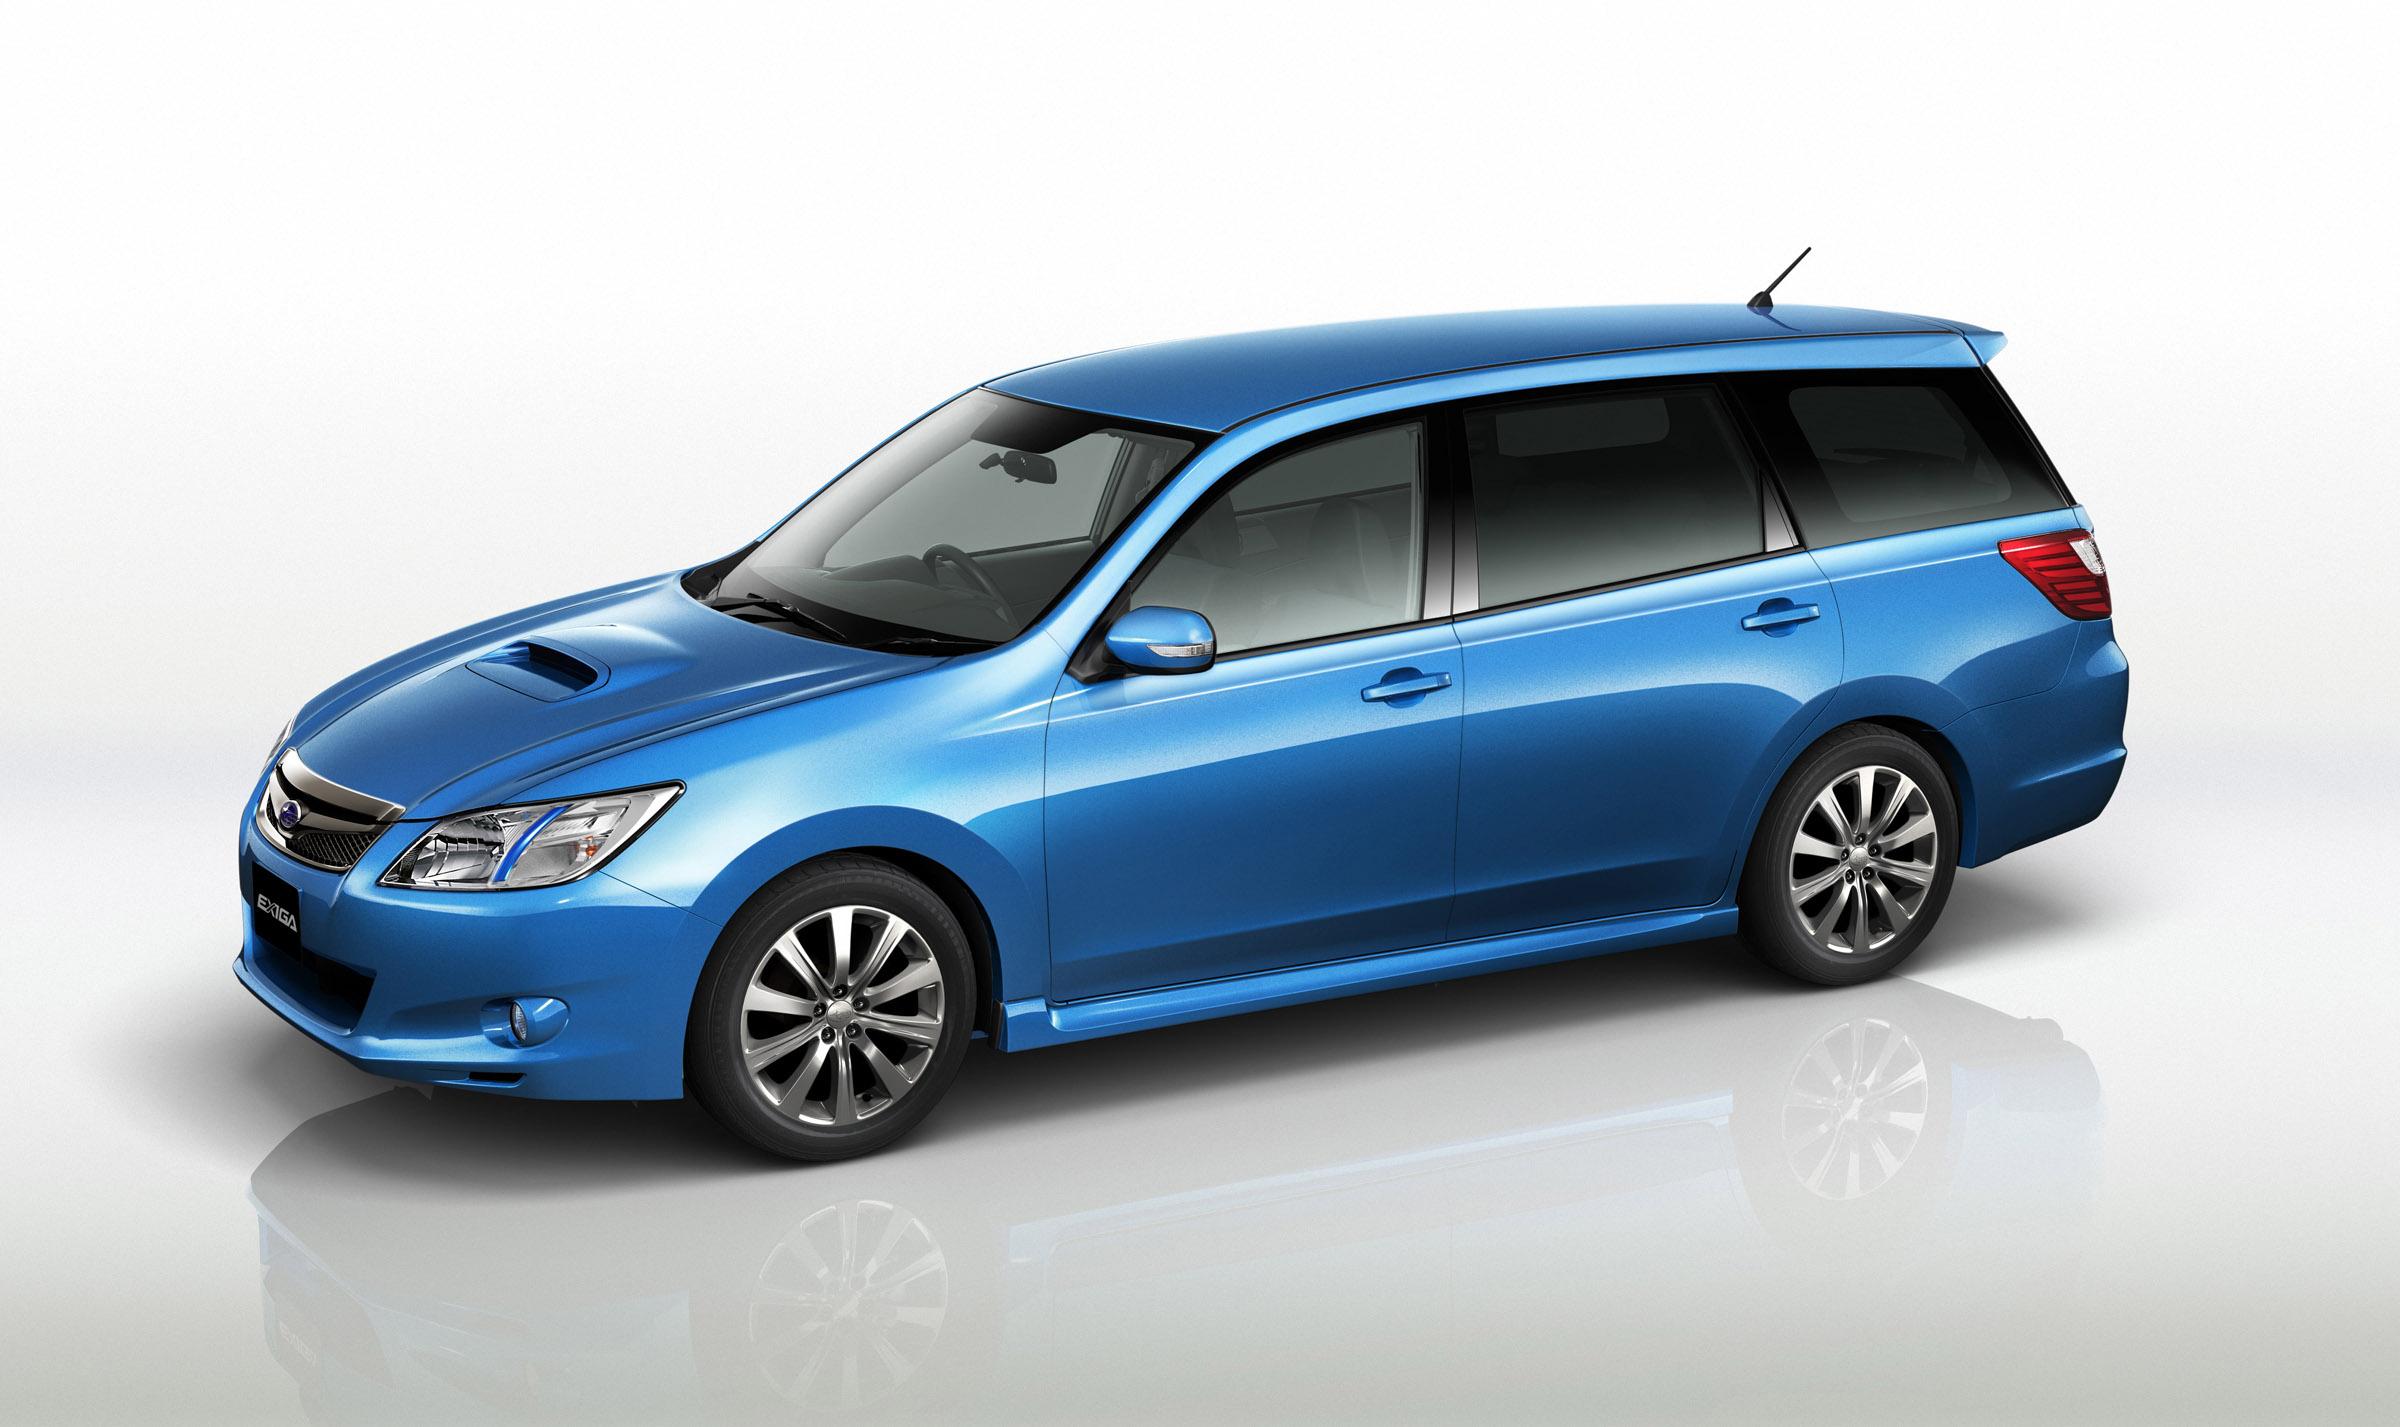 FHI представила новую модель Subaru EXIGA, семи-местный для Panorama Touring - фотография №1